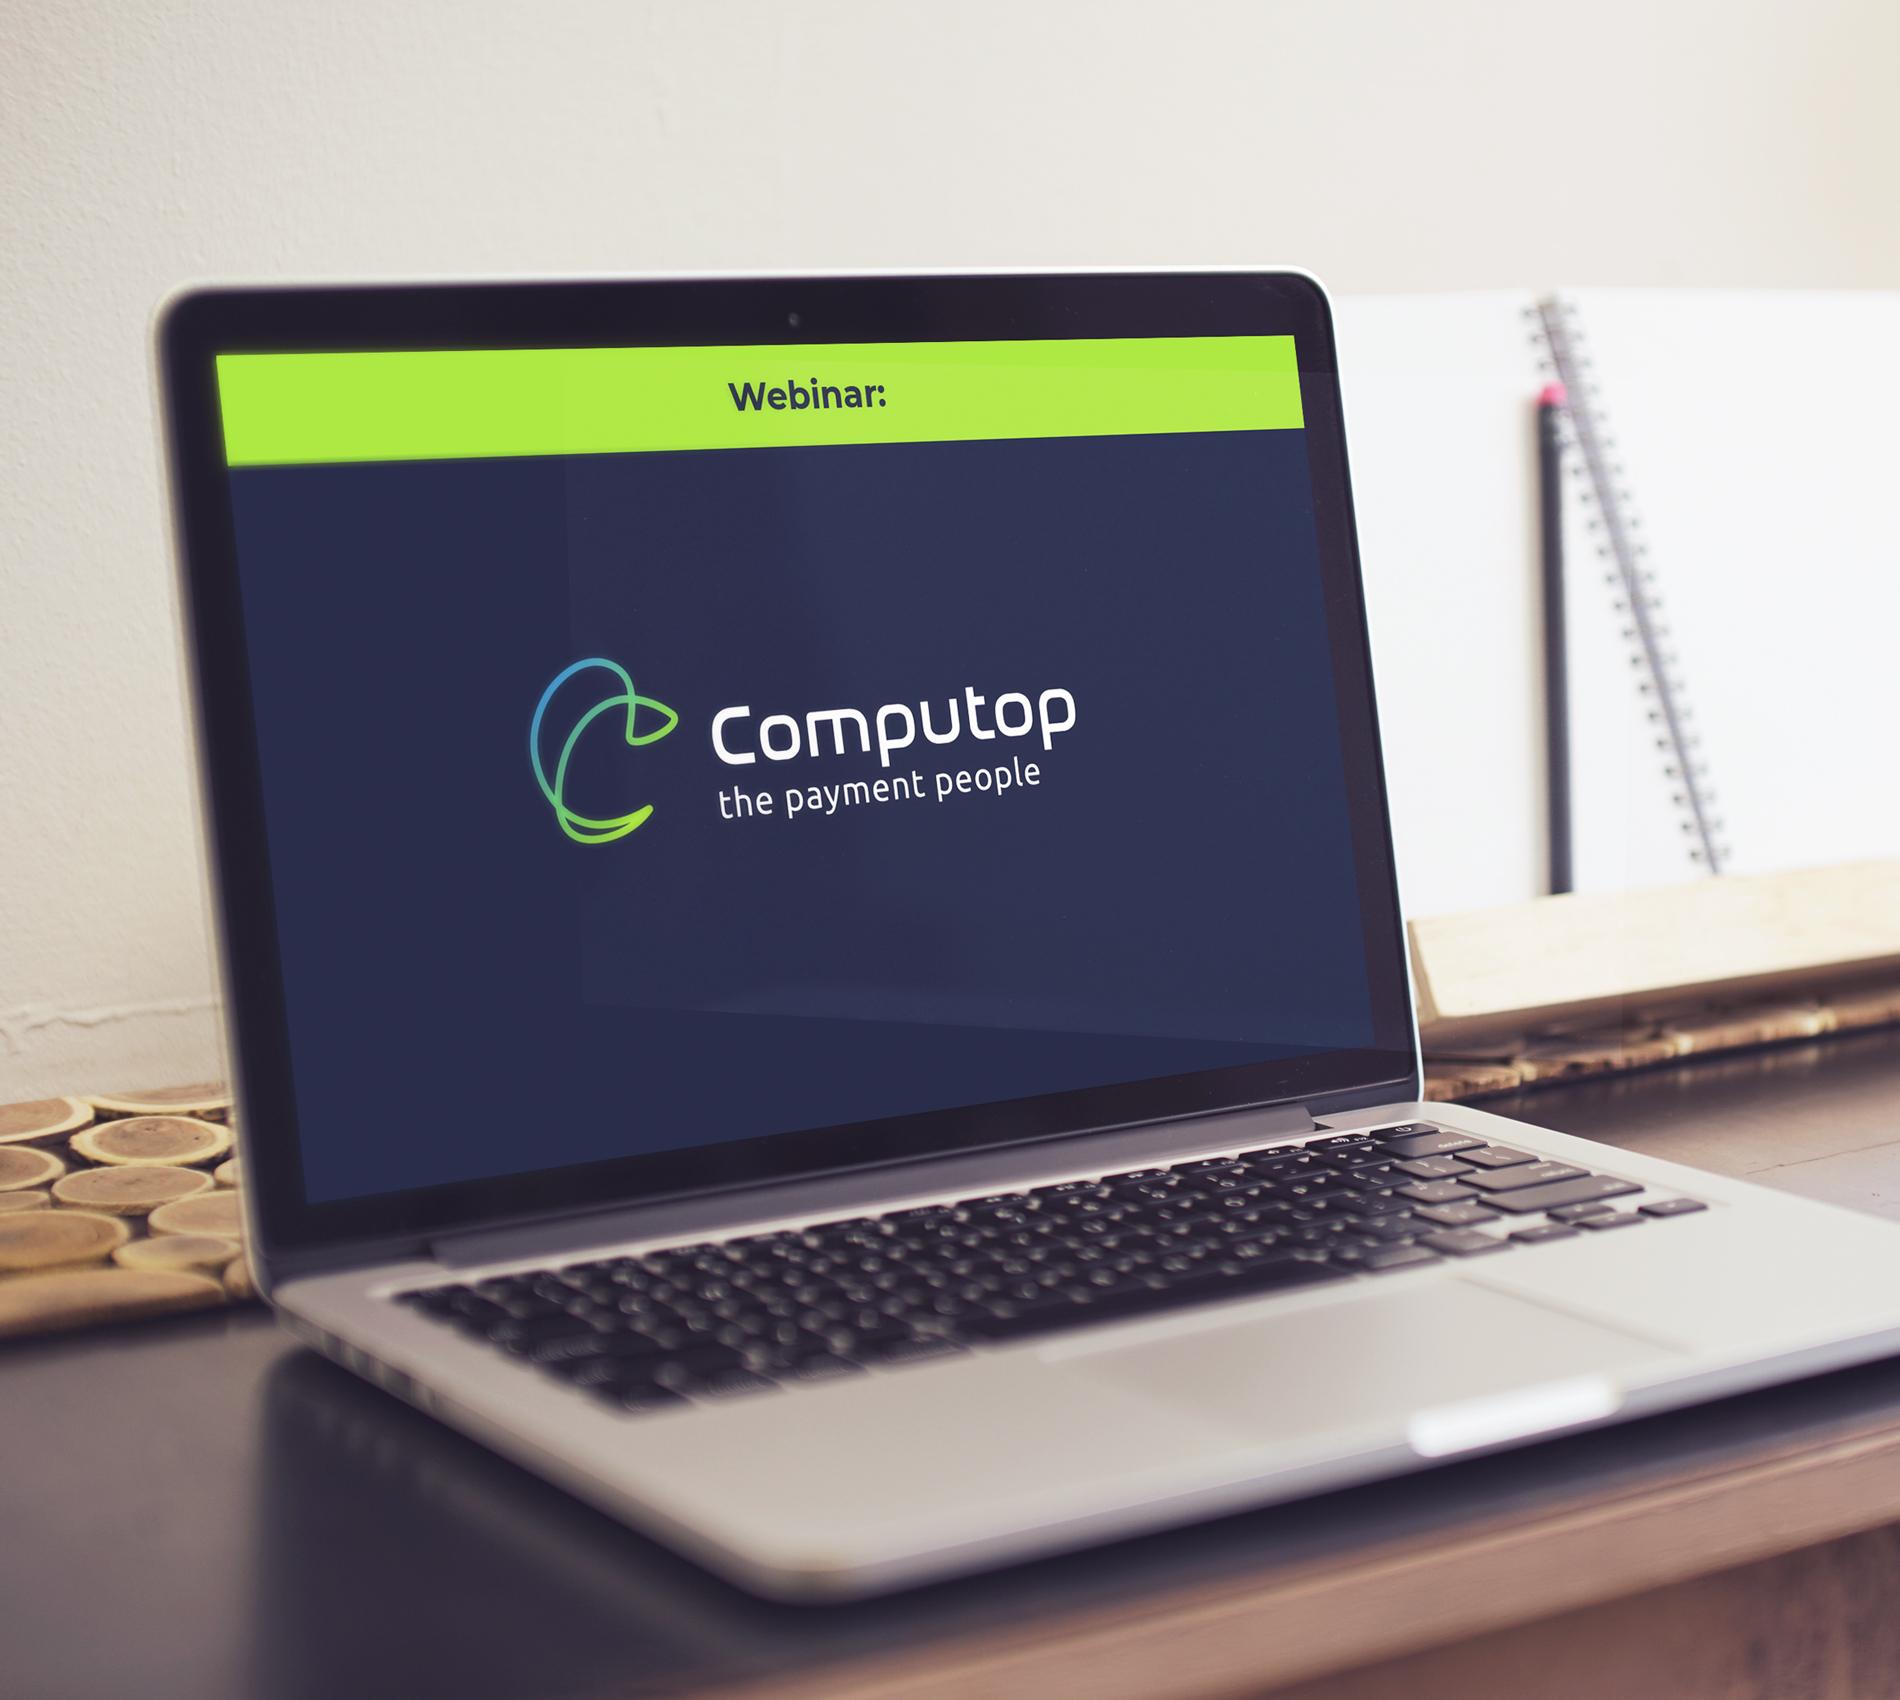 Computop2Go Webinar 2020